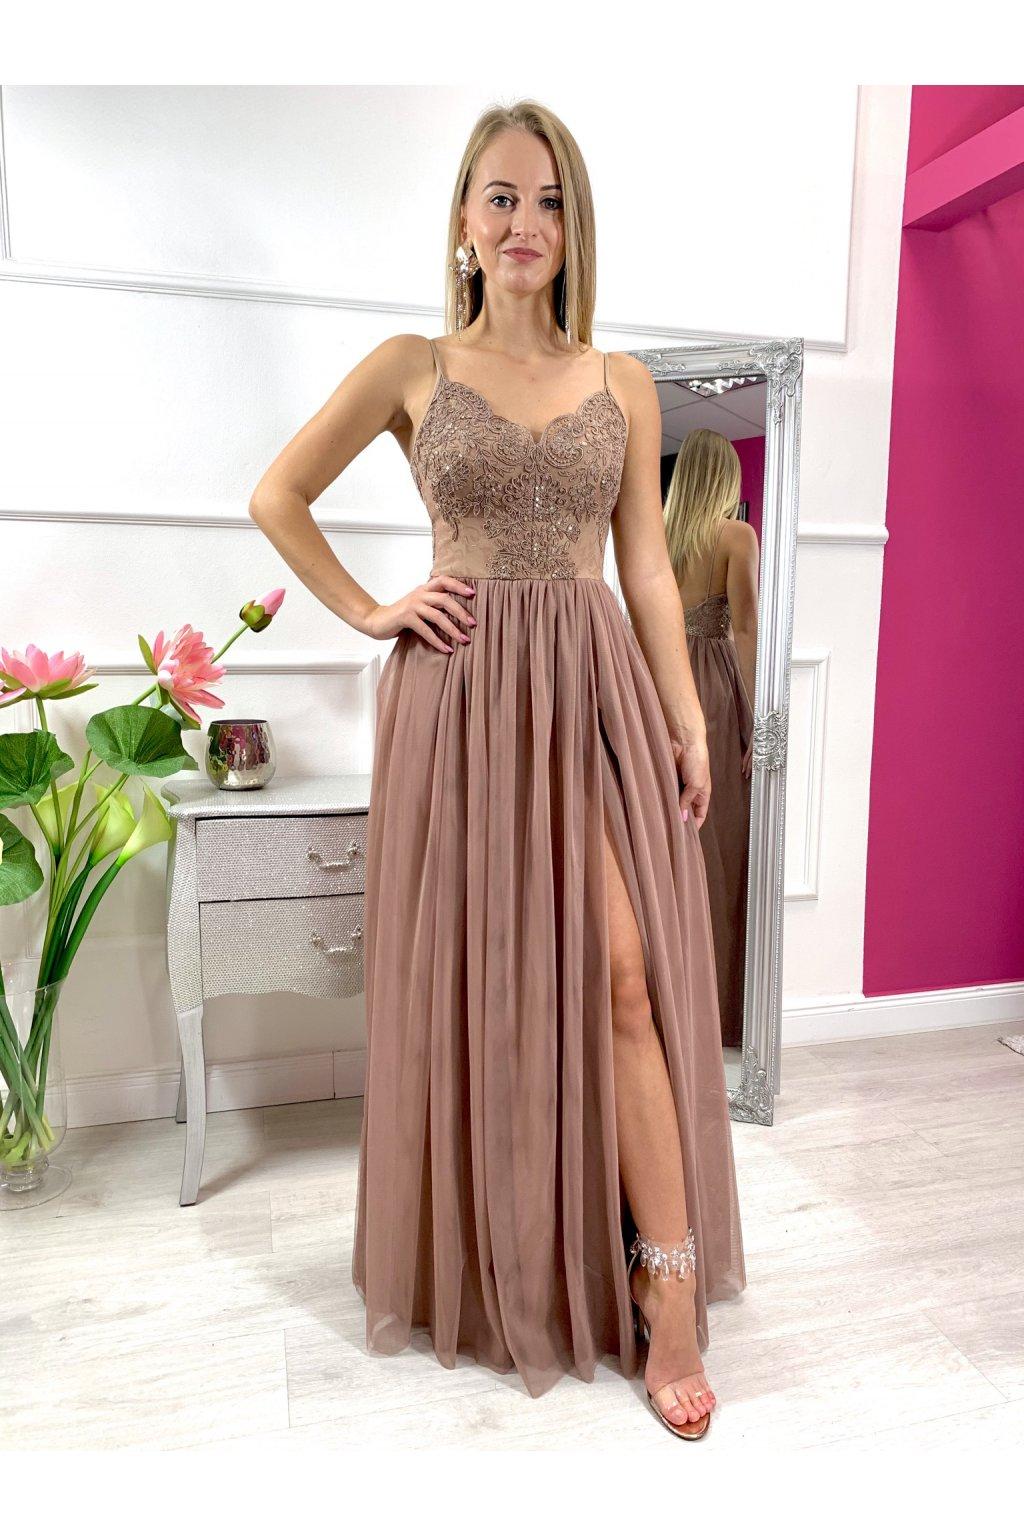 MOLI dámske dlhé spoločenské šaty s tylovou sukňou nude